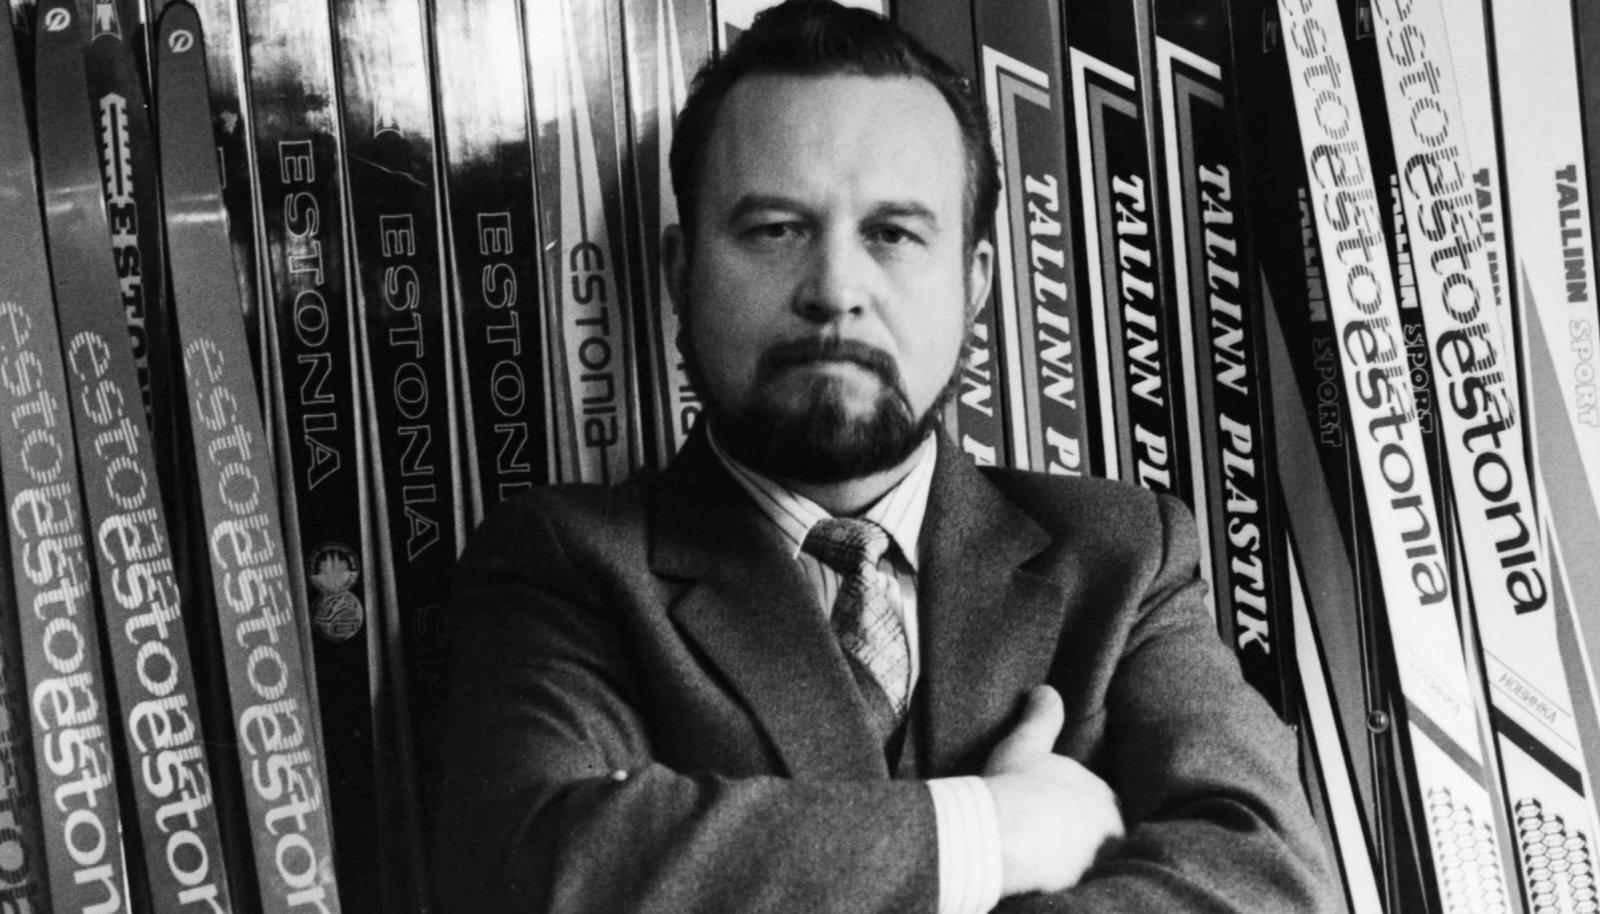 1986. AASTAL SAI Ülo Nugis Estoplasti direktoriks ja peagi alustas ta tehase äratoomist Moskva alluvusest. See oli üks osa pikas protsessis, mis järk-järgult aitas Eesti riigi Nõukogude Liidust lahti sõlmida.